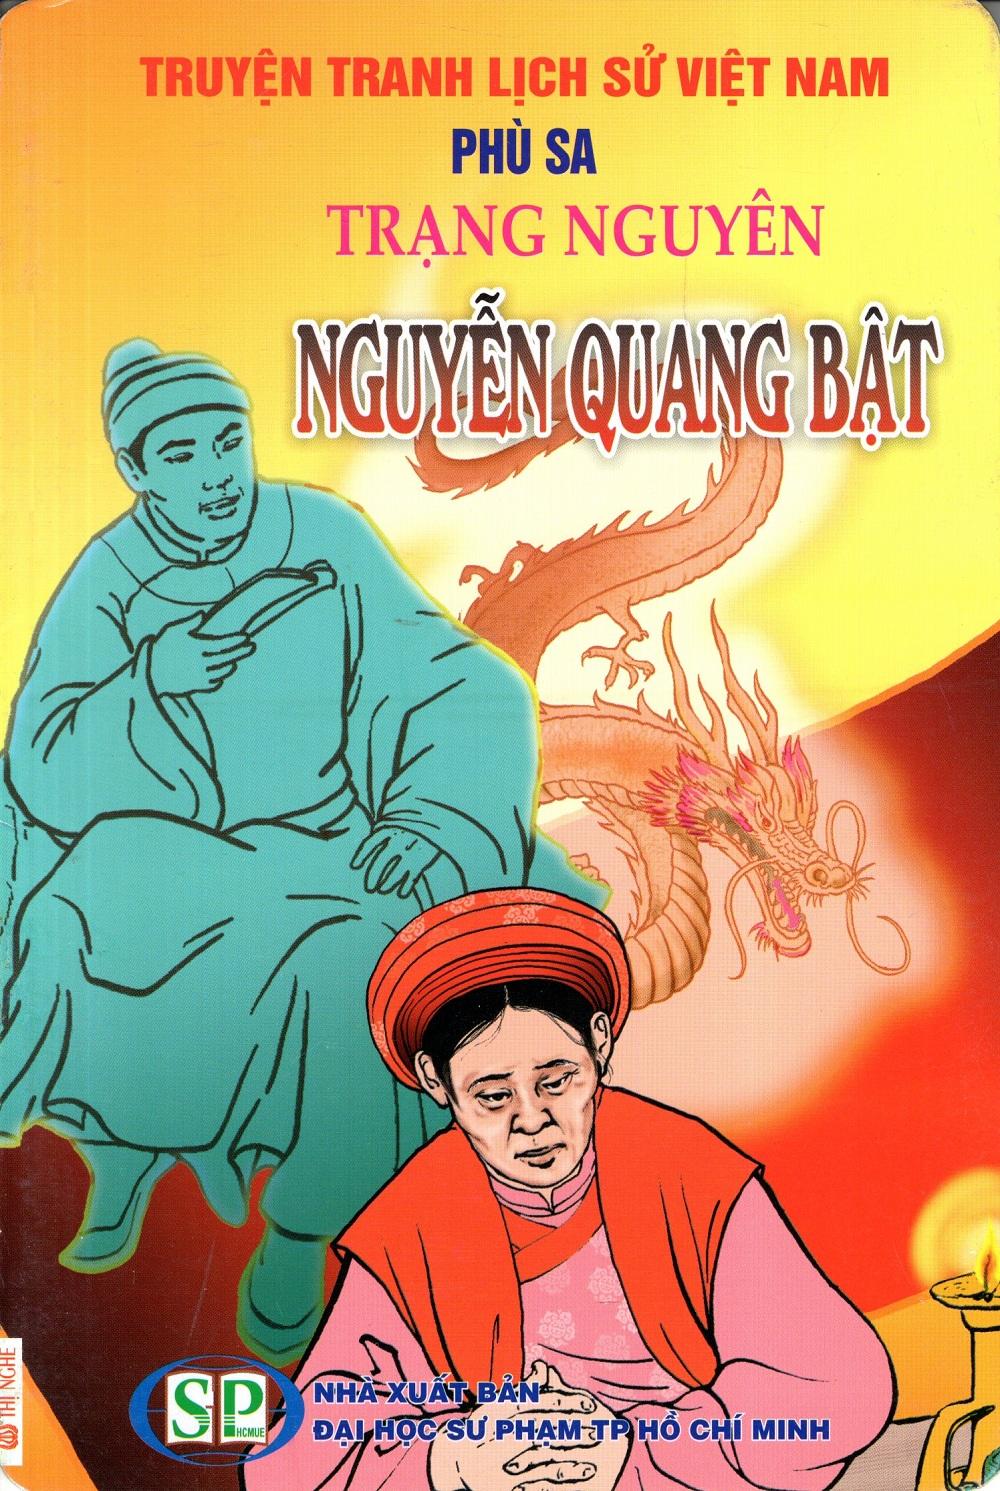 Truyện Tranh Lịch Sử Việt Nam - Trạng Nguyên Nguyễn Quang Bật